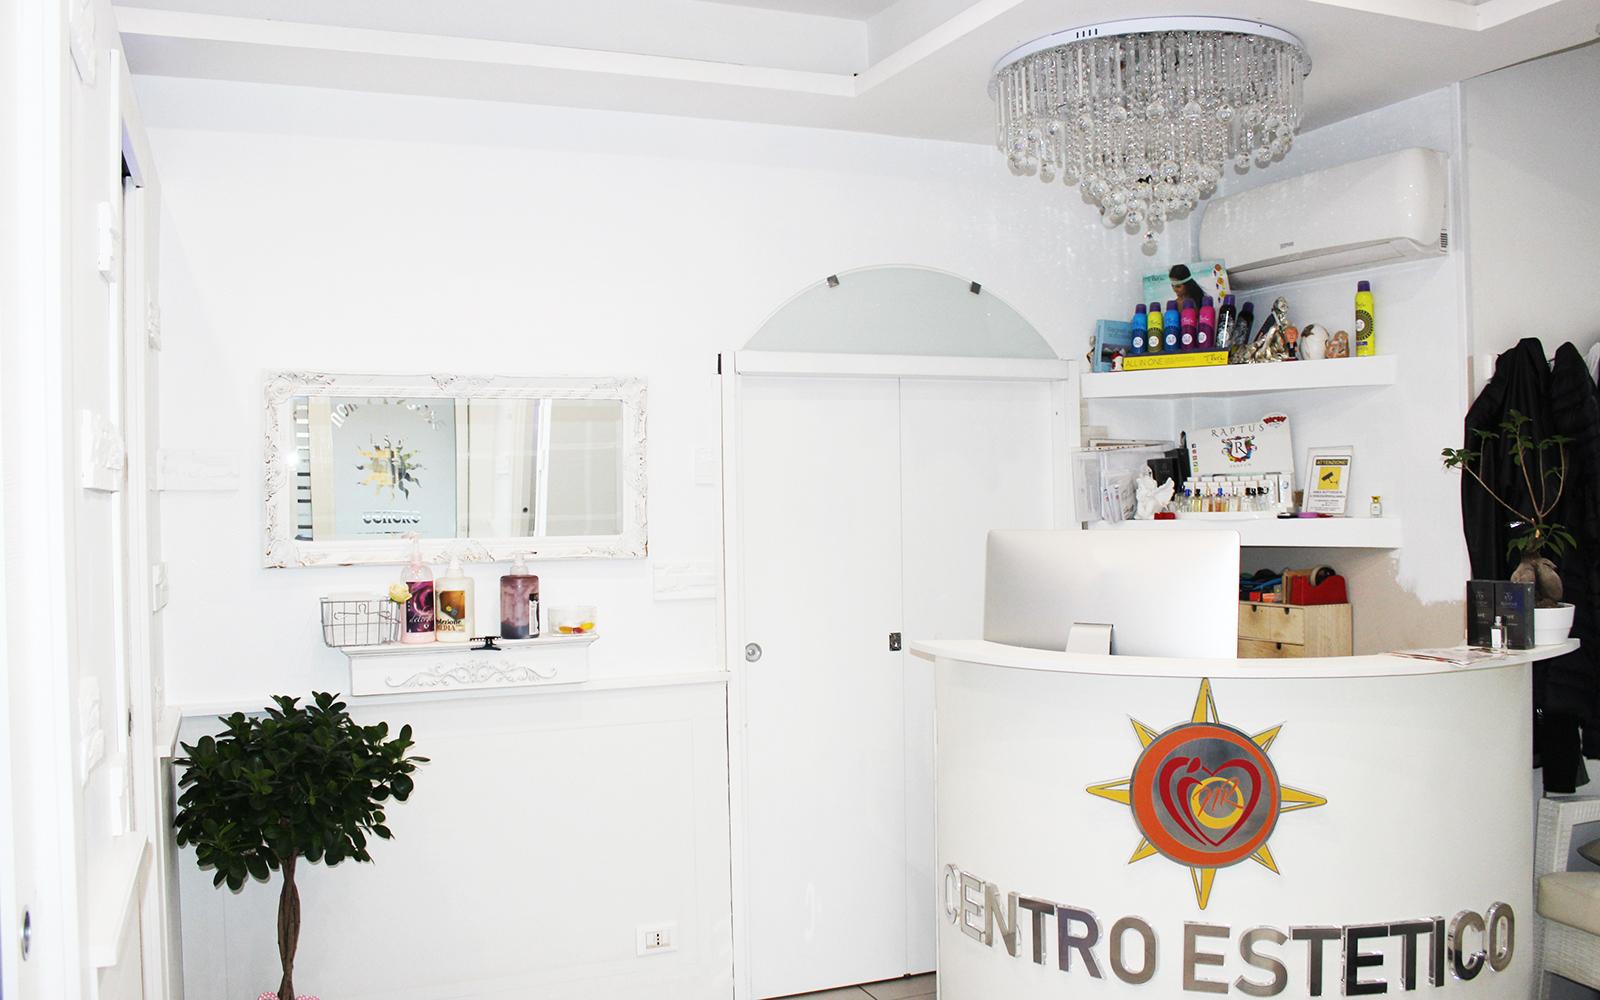 Centro estetico e solarium